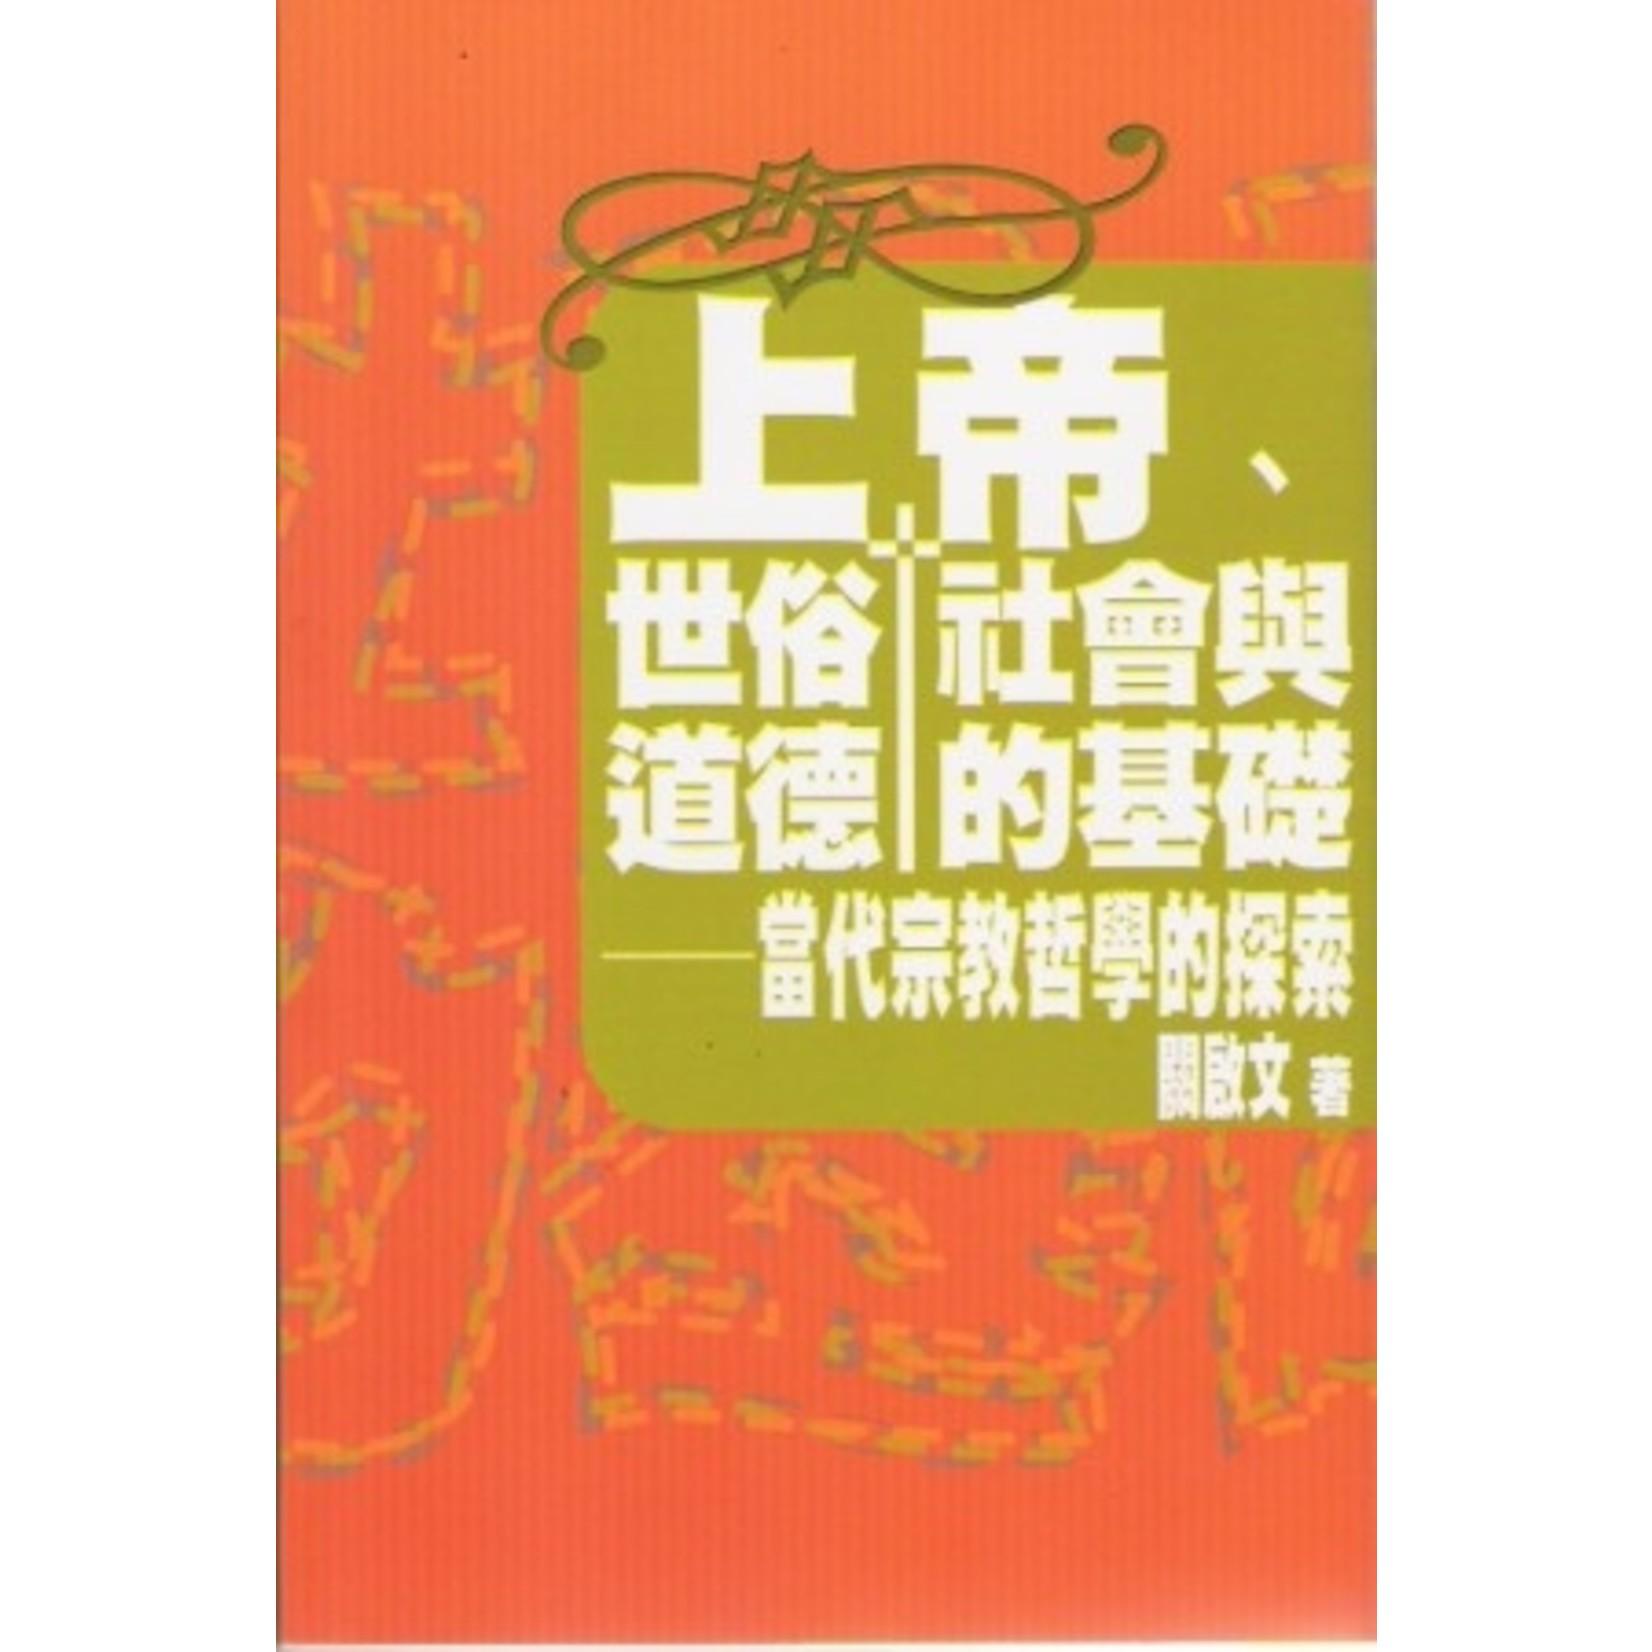 天道書樓 Tien Dao Publishing House 上帝、世俗社會與道德的基礎:當代宗教哲學的探索